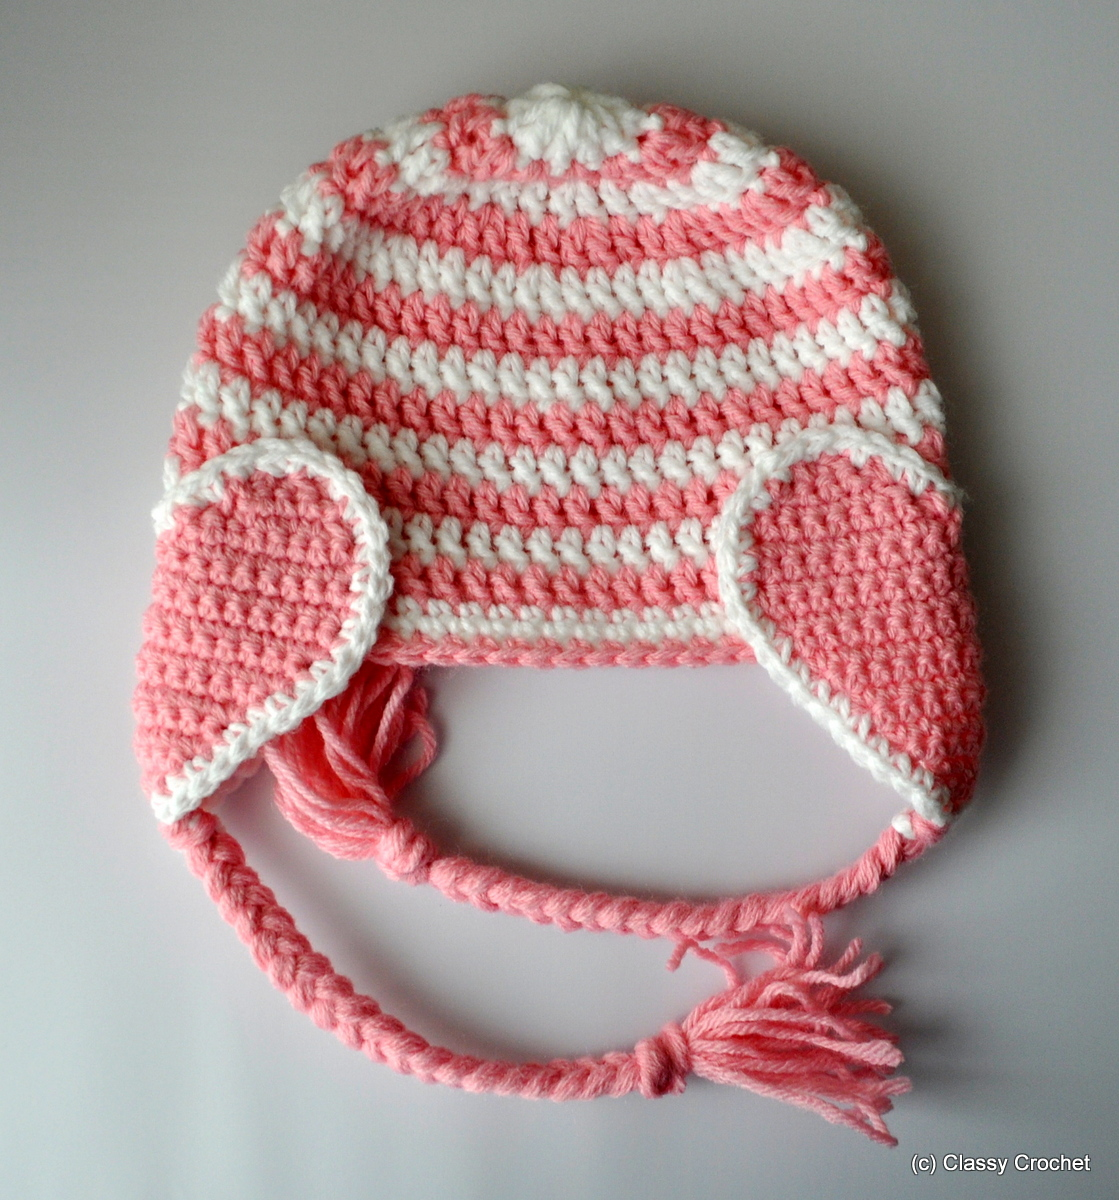 Free pattern crochet valentine heart earflap hat classy crochet free pattern crochet valentine earflap hat classy crochet bankloansurffo Images